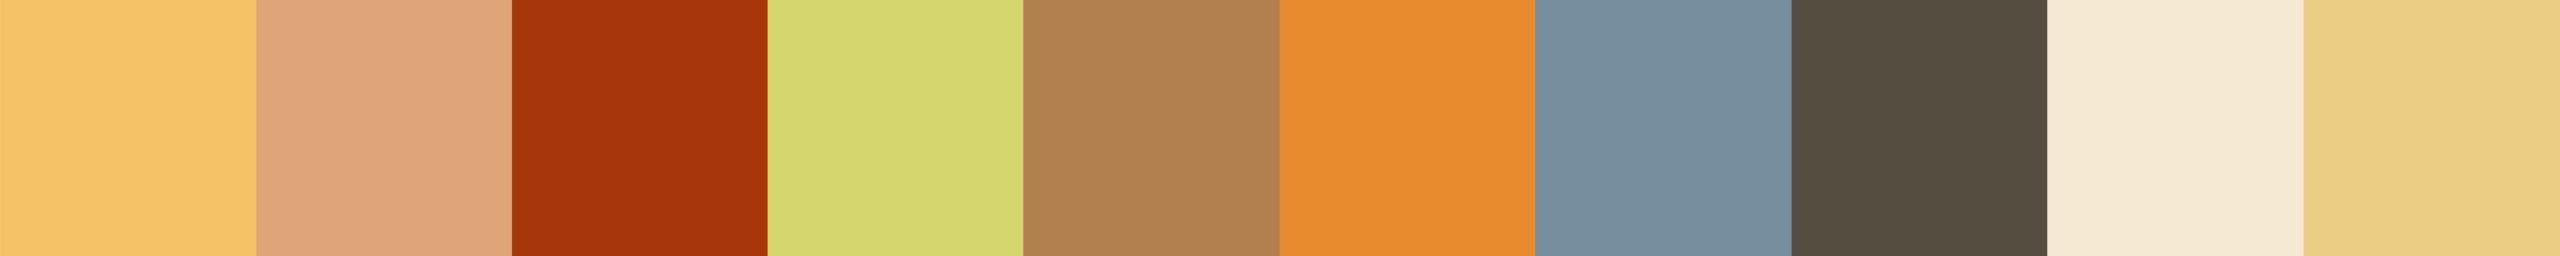 667 Erenolia Color Palette